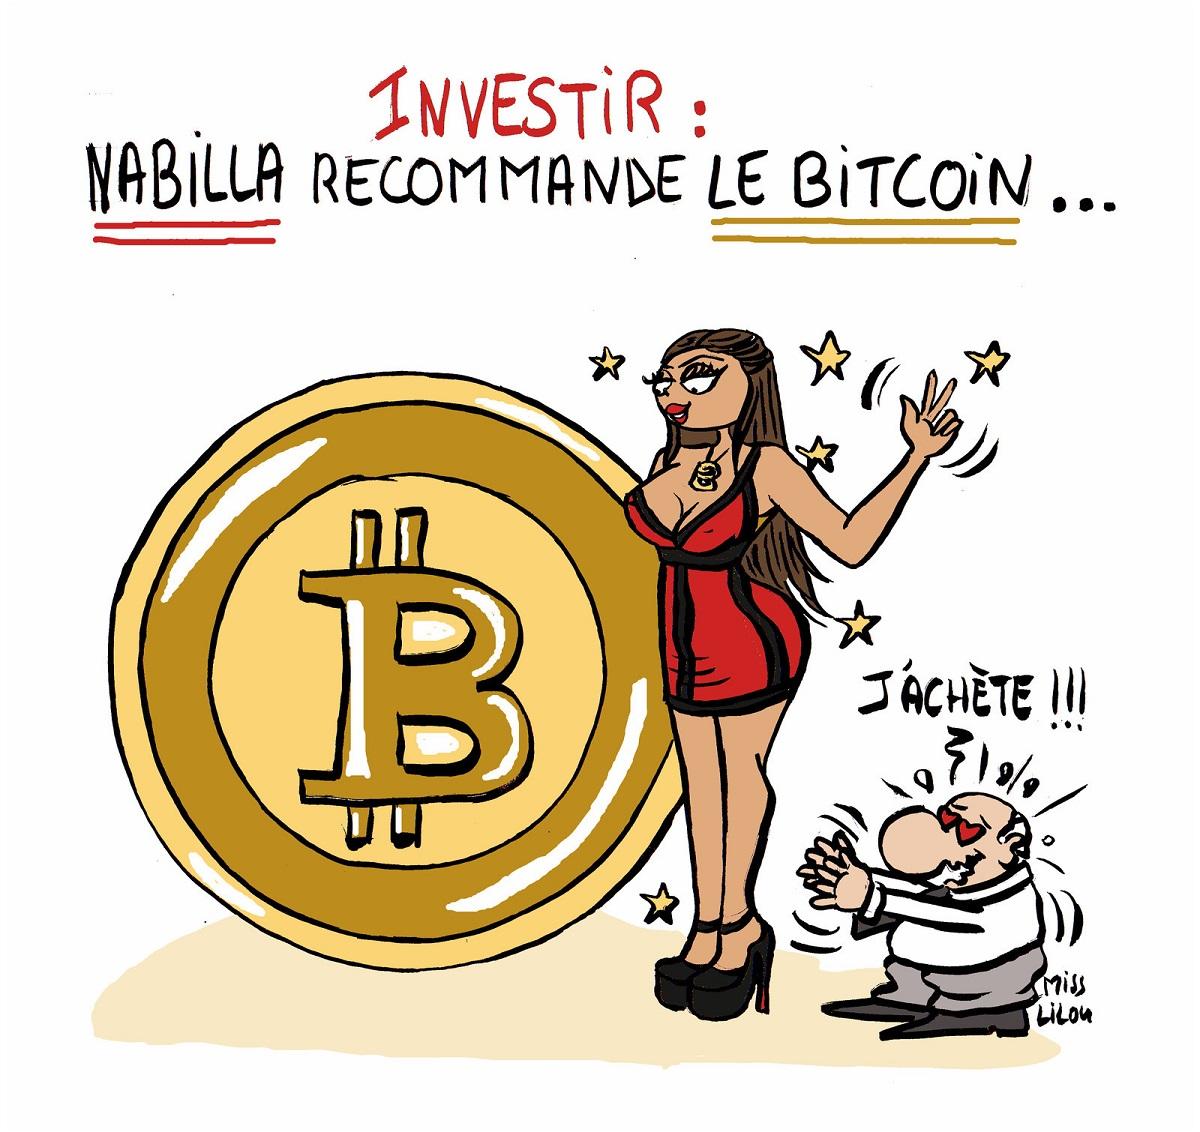 dessin humoristique de Nabilla en train de recommander d'investir dans le bitcoin